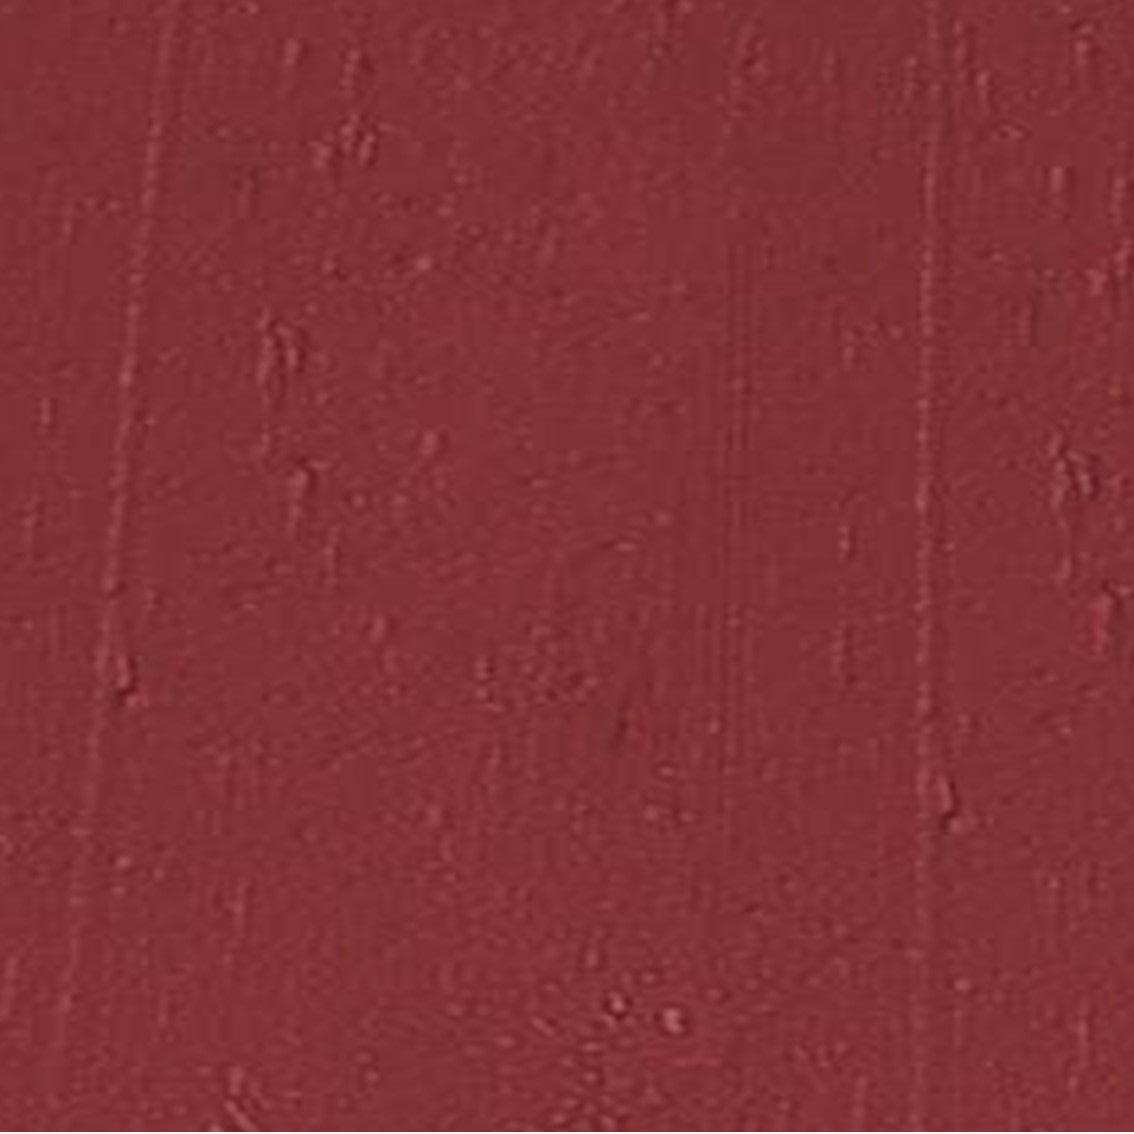 o Boticário Make B.  Cremoso Revolution Rouge - Batom 3,6g